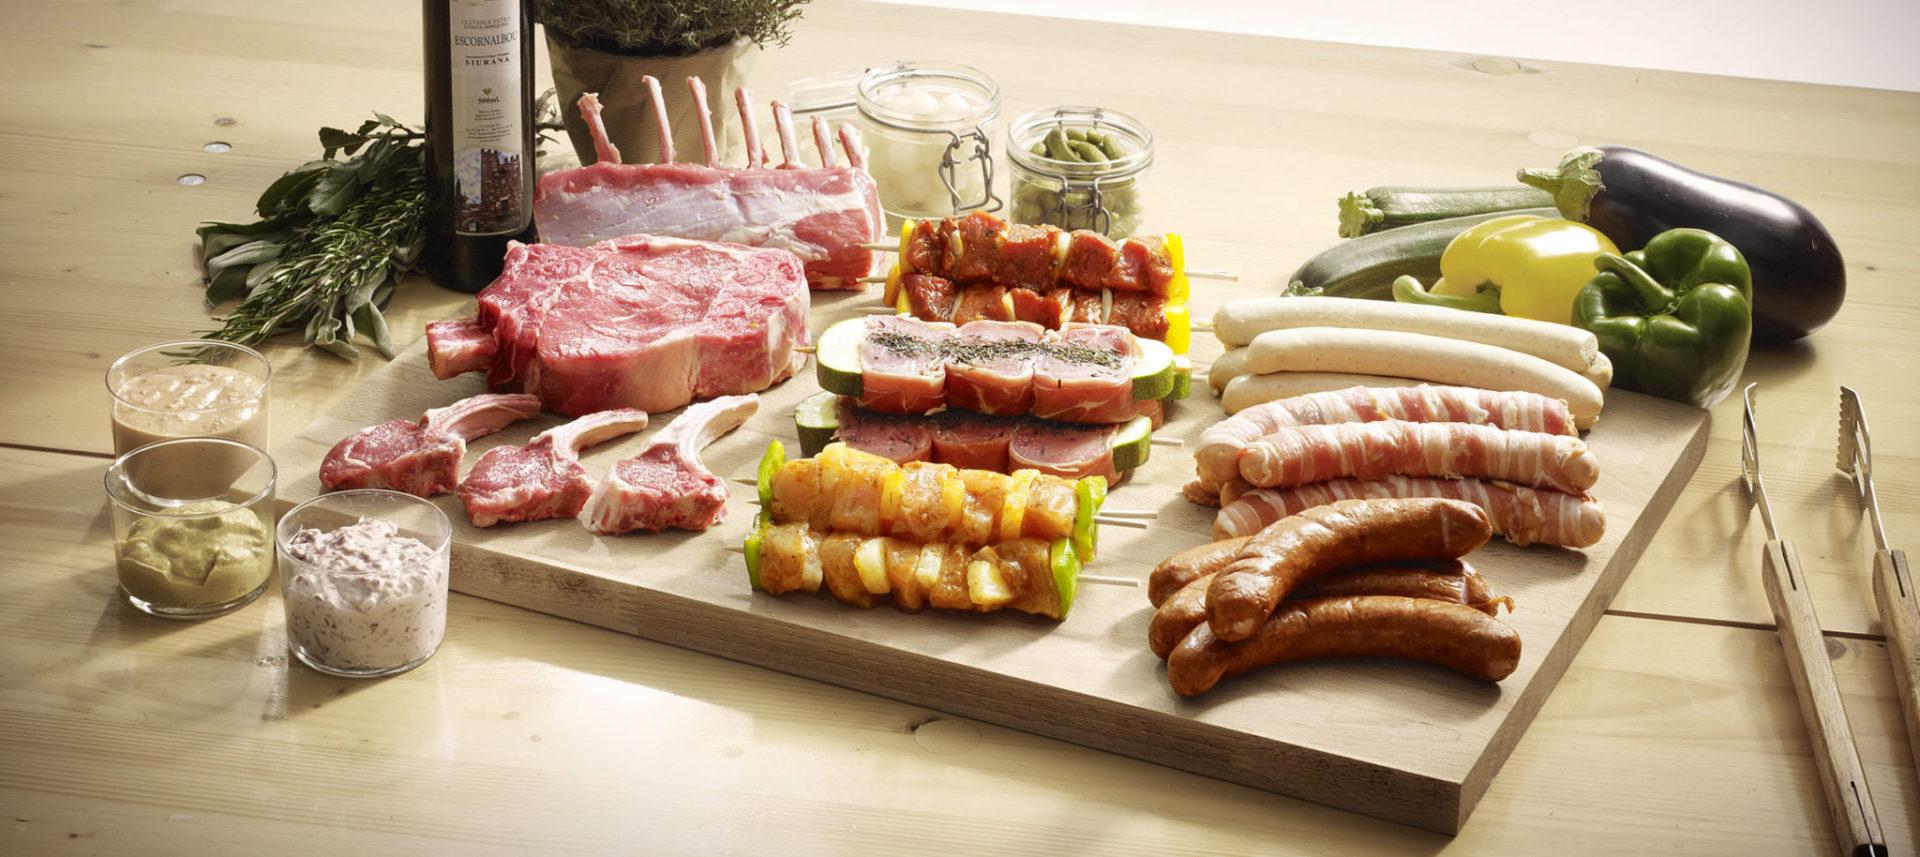 Découvrez les conseils et astuces barbecue de notre Maître Boucher !